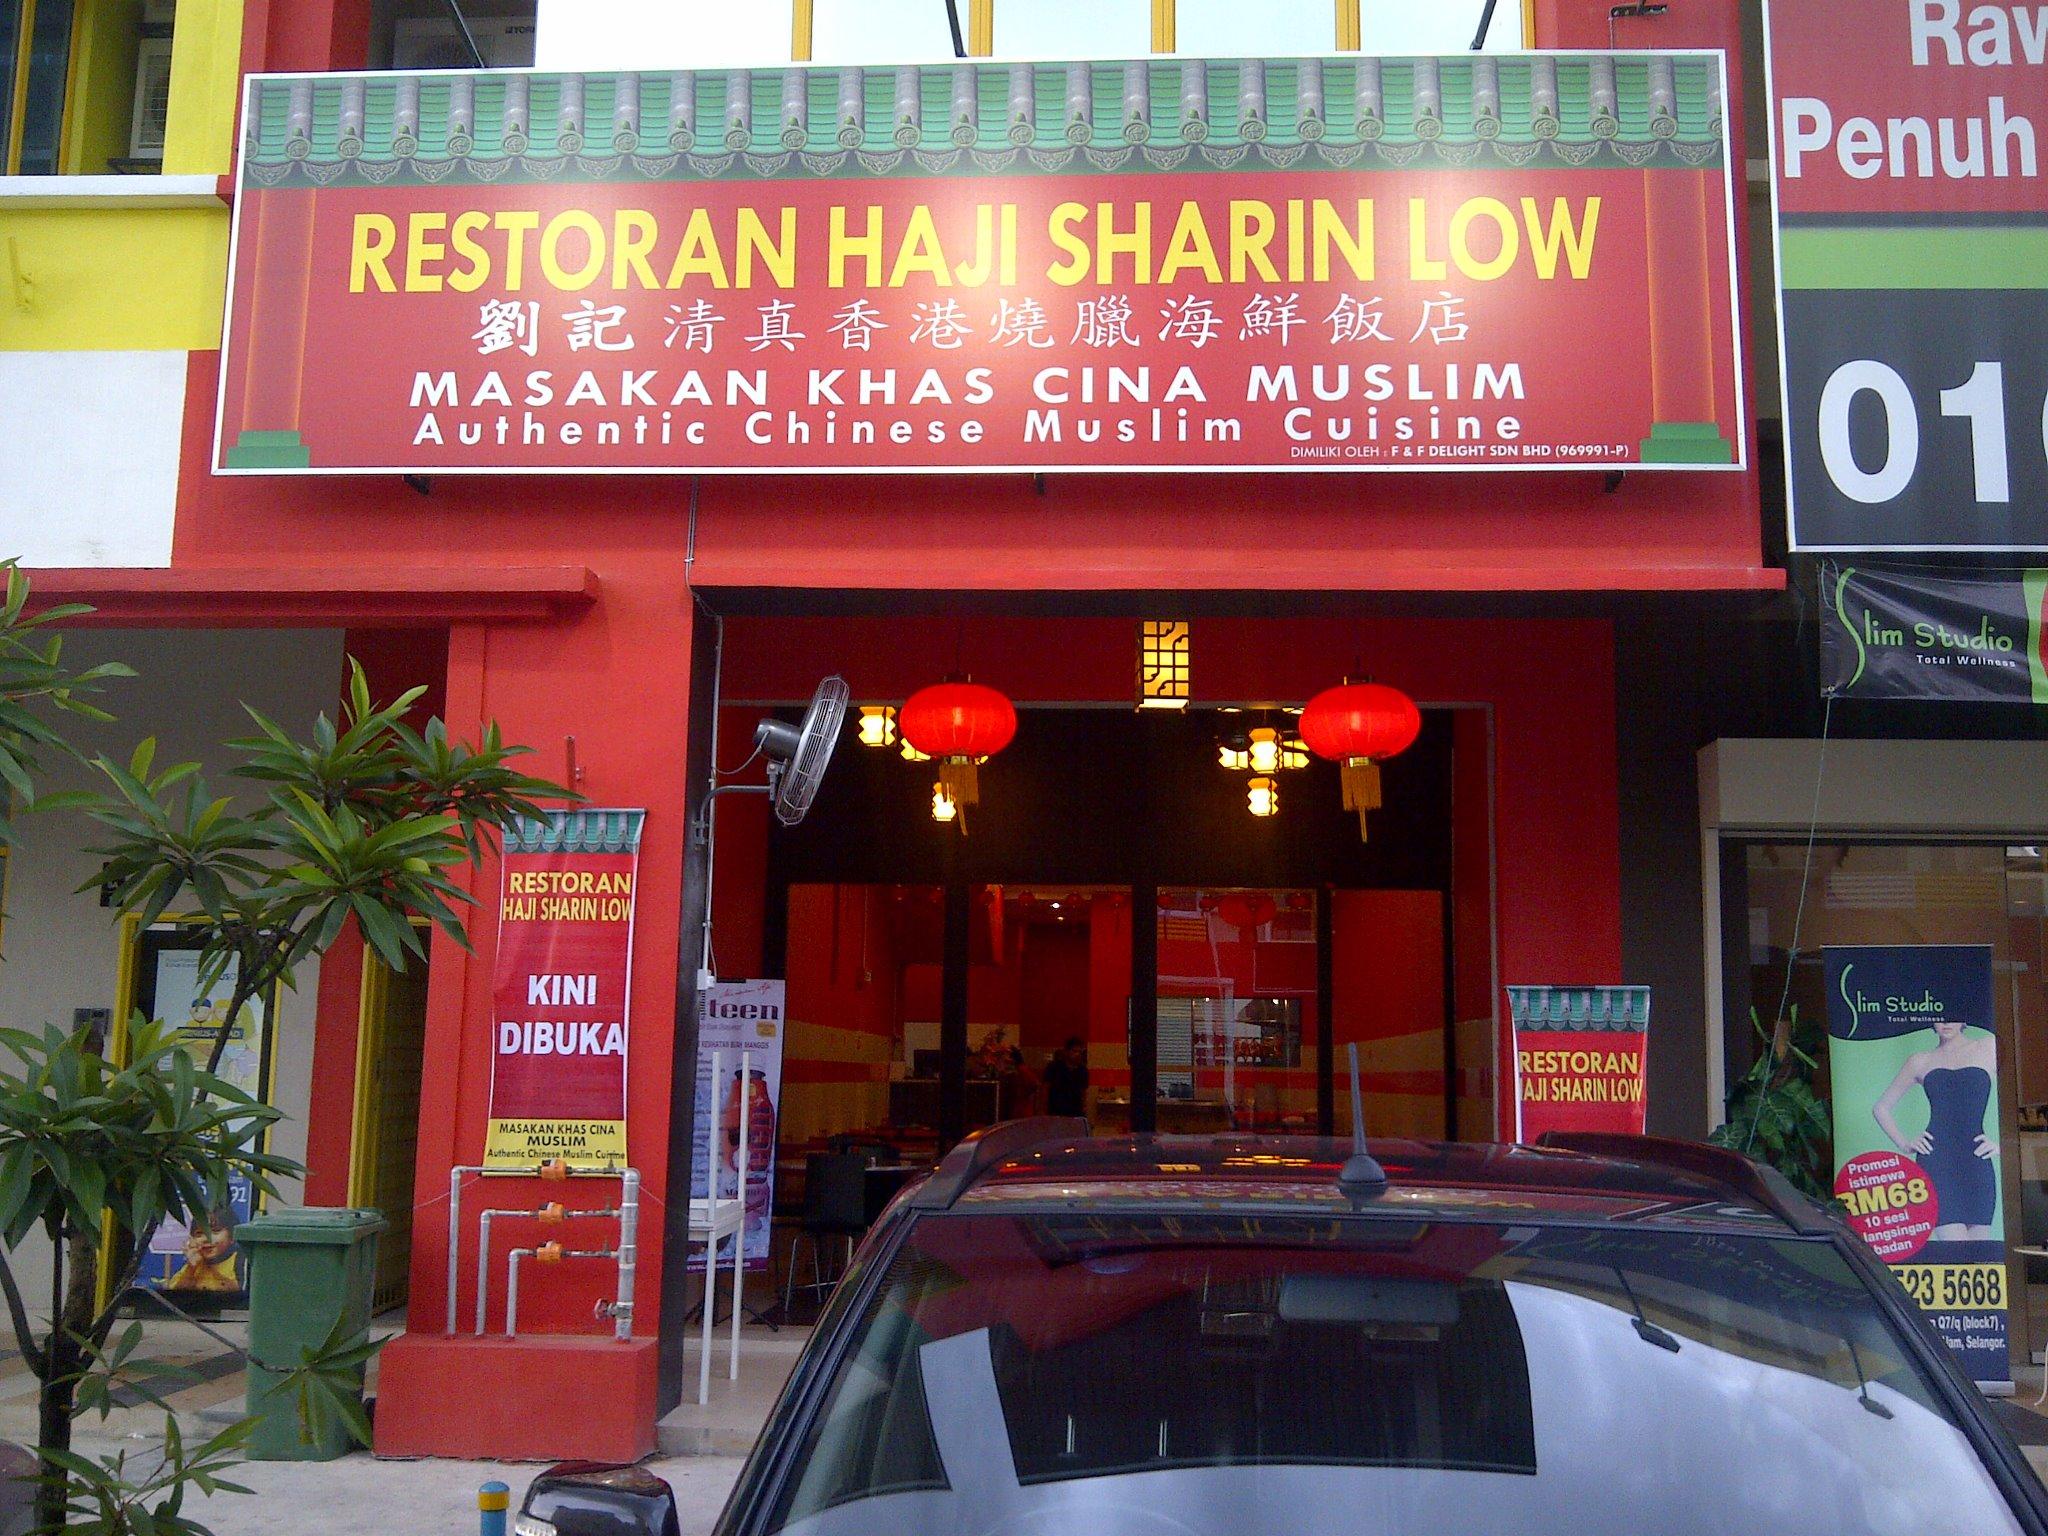 Image from Restaurant Haji Sharin Low/Facebook